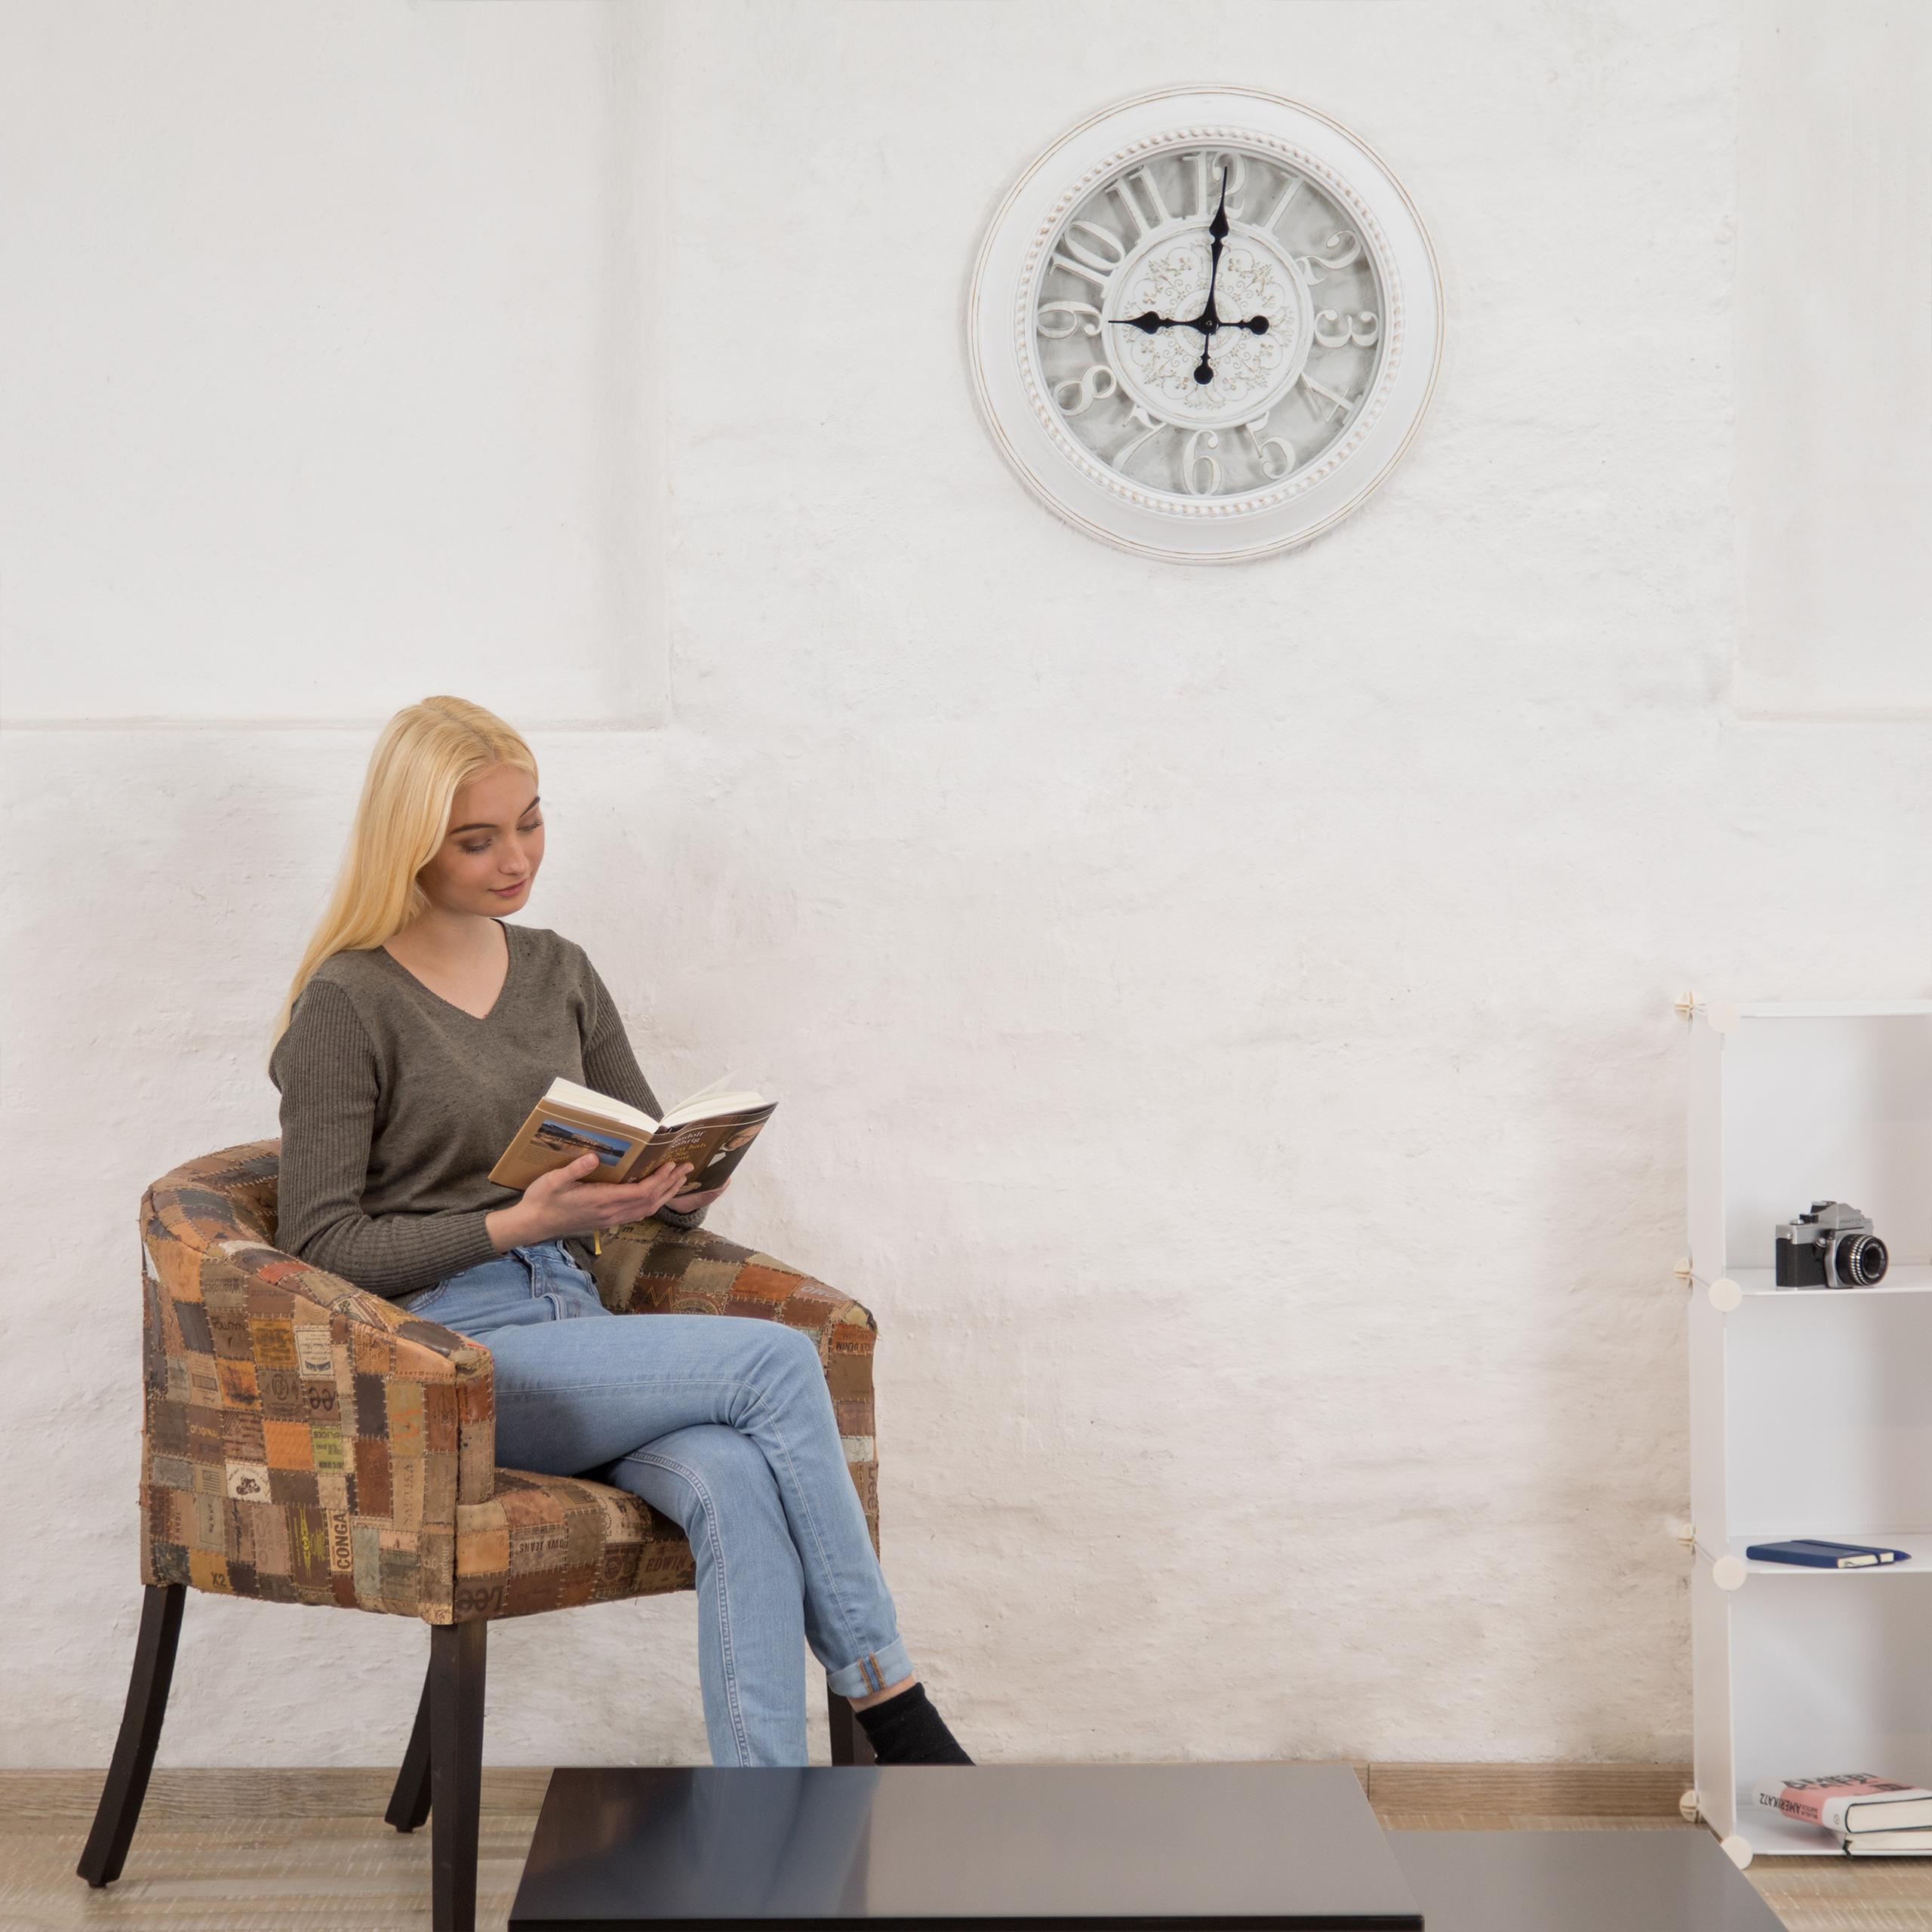 wanduhr xl rund k chenuhr batteriebetrieben analoguhr. Black Bedroom Furniture Sets. Home Design Ideas